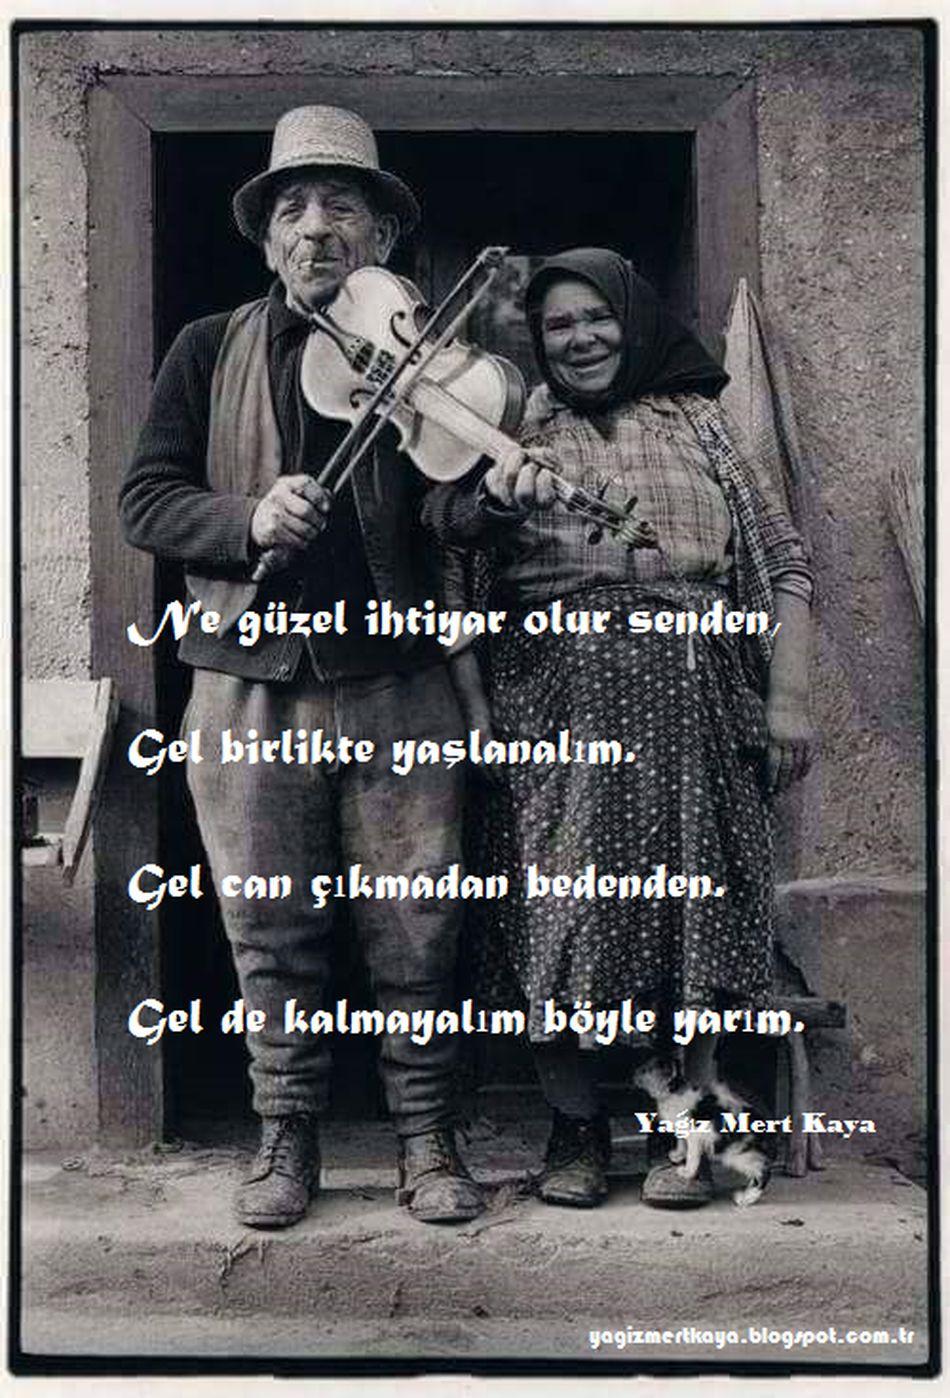 şiir Heryerde Siir şairolmasakta Yagizmertkaya